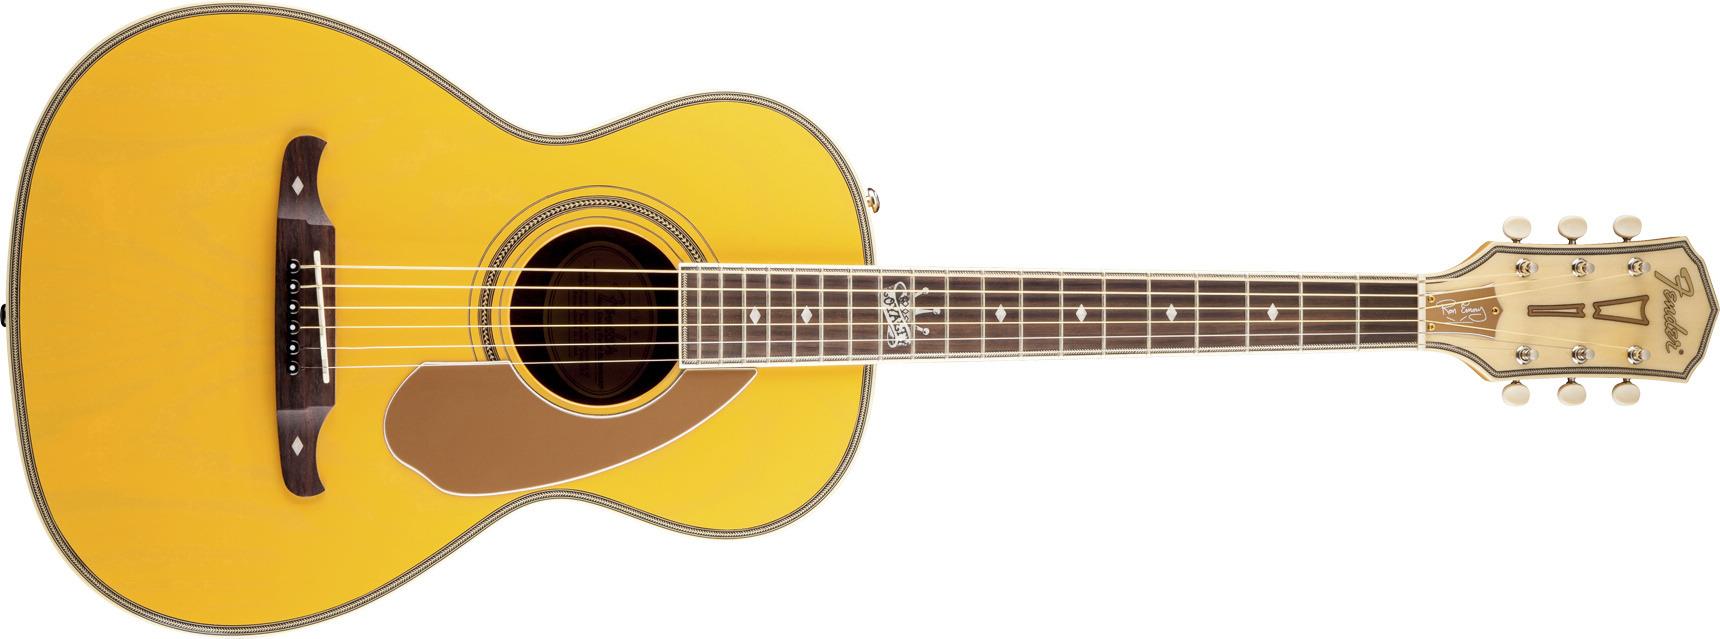 吉他谱,上那弯曲的线是什么怎么弹?